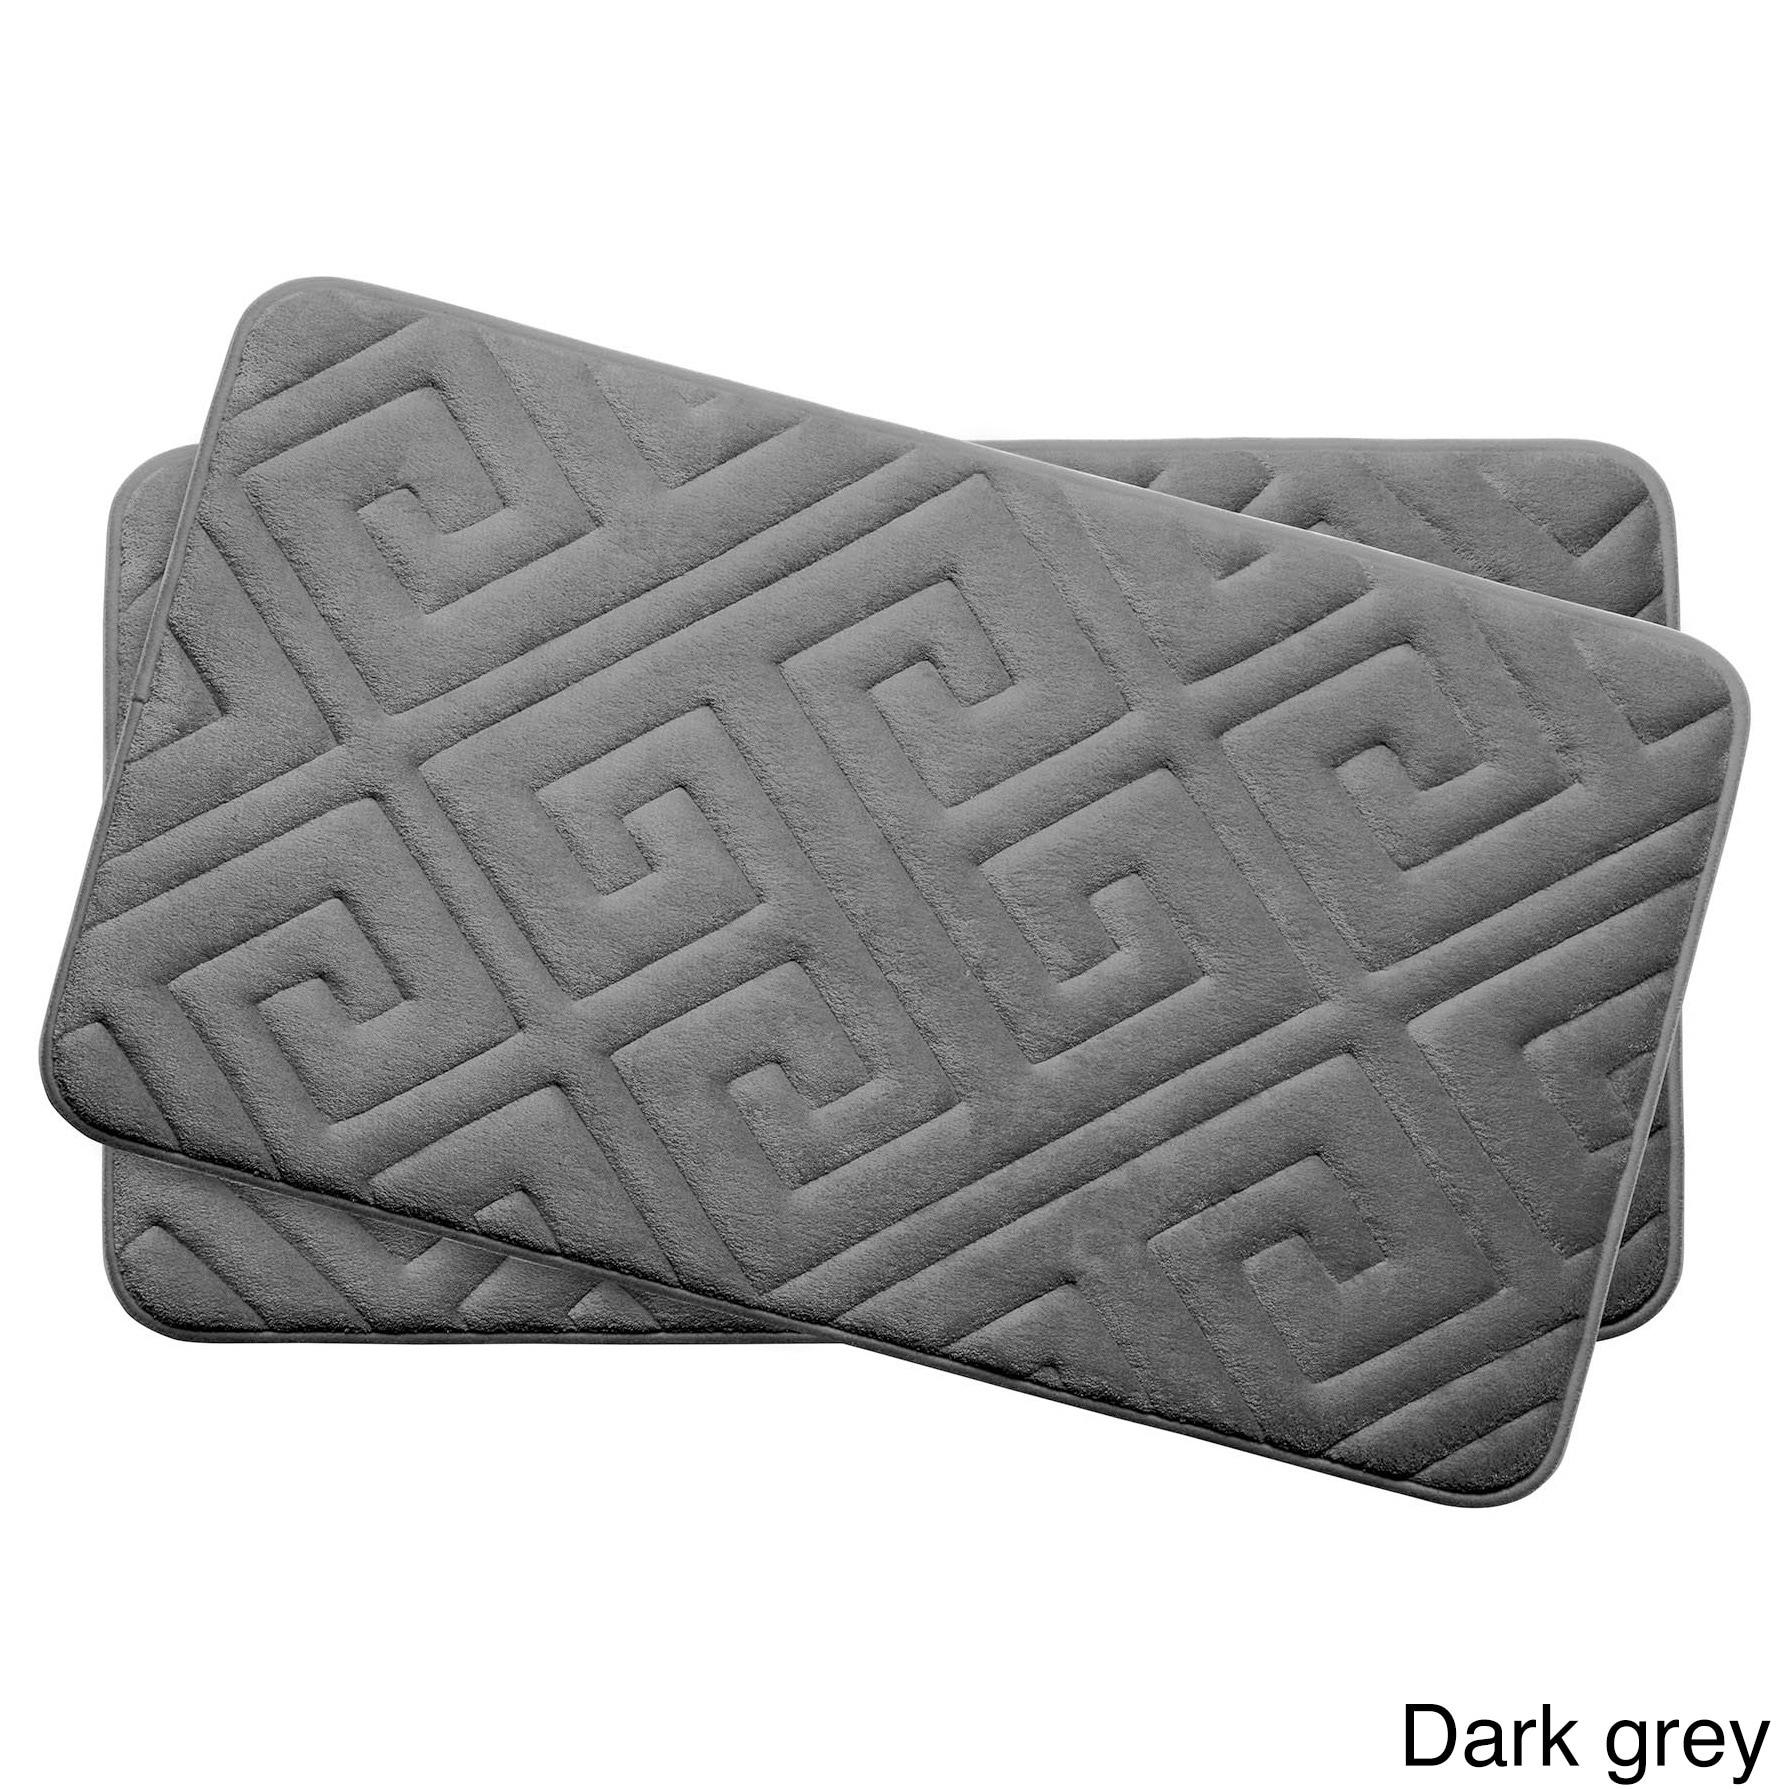 Caicos Memory Foam 17 In X 24 In 2 Piece Bath Mat Set W